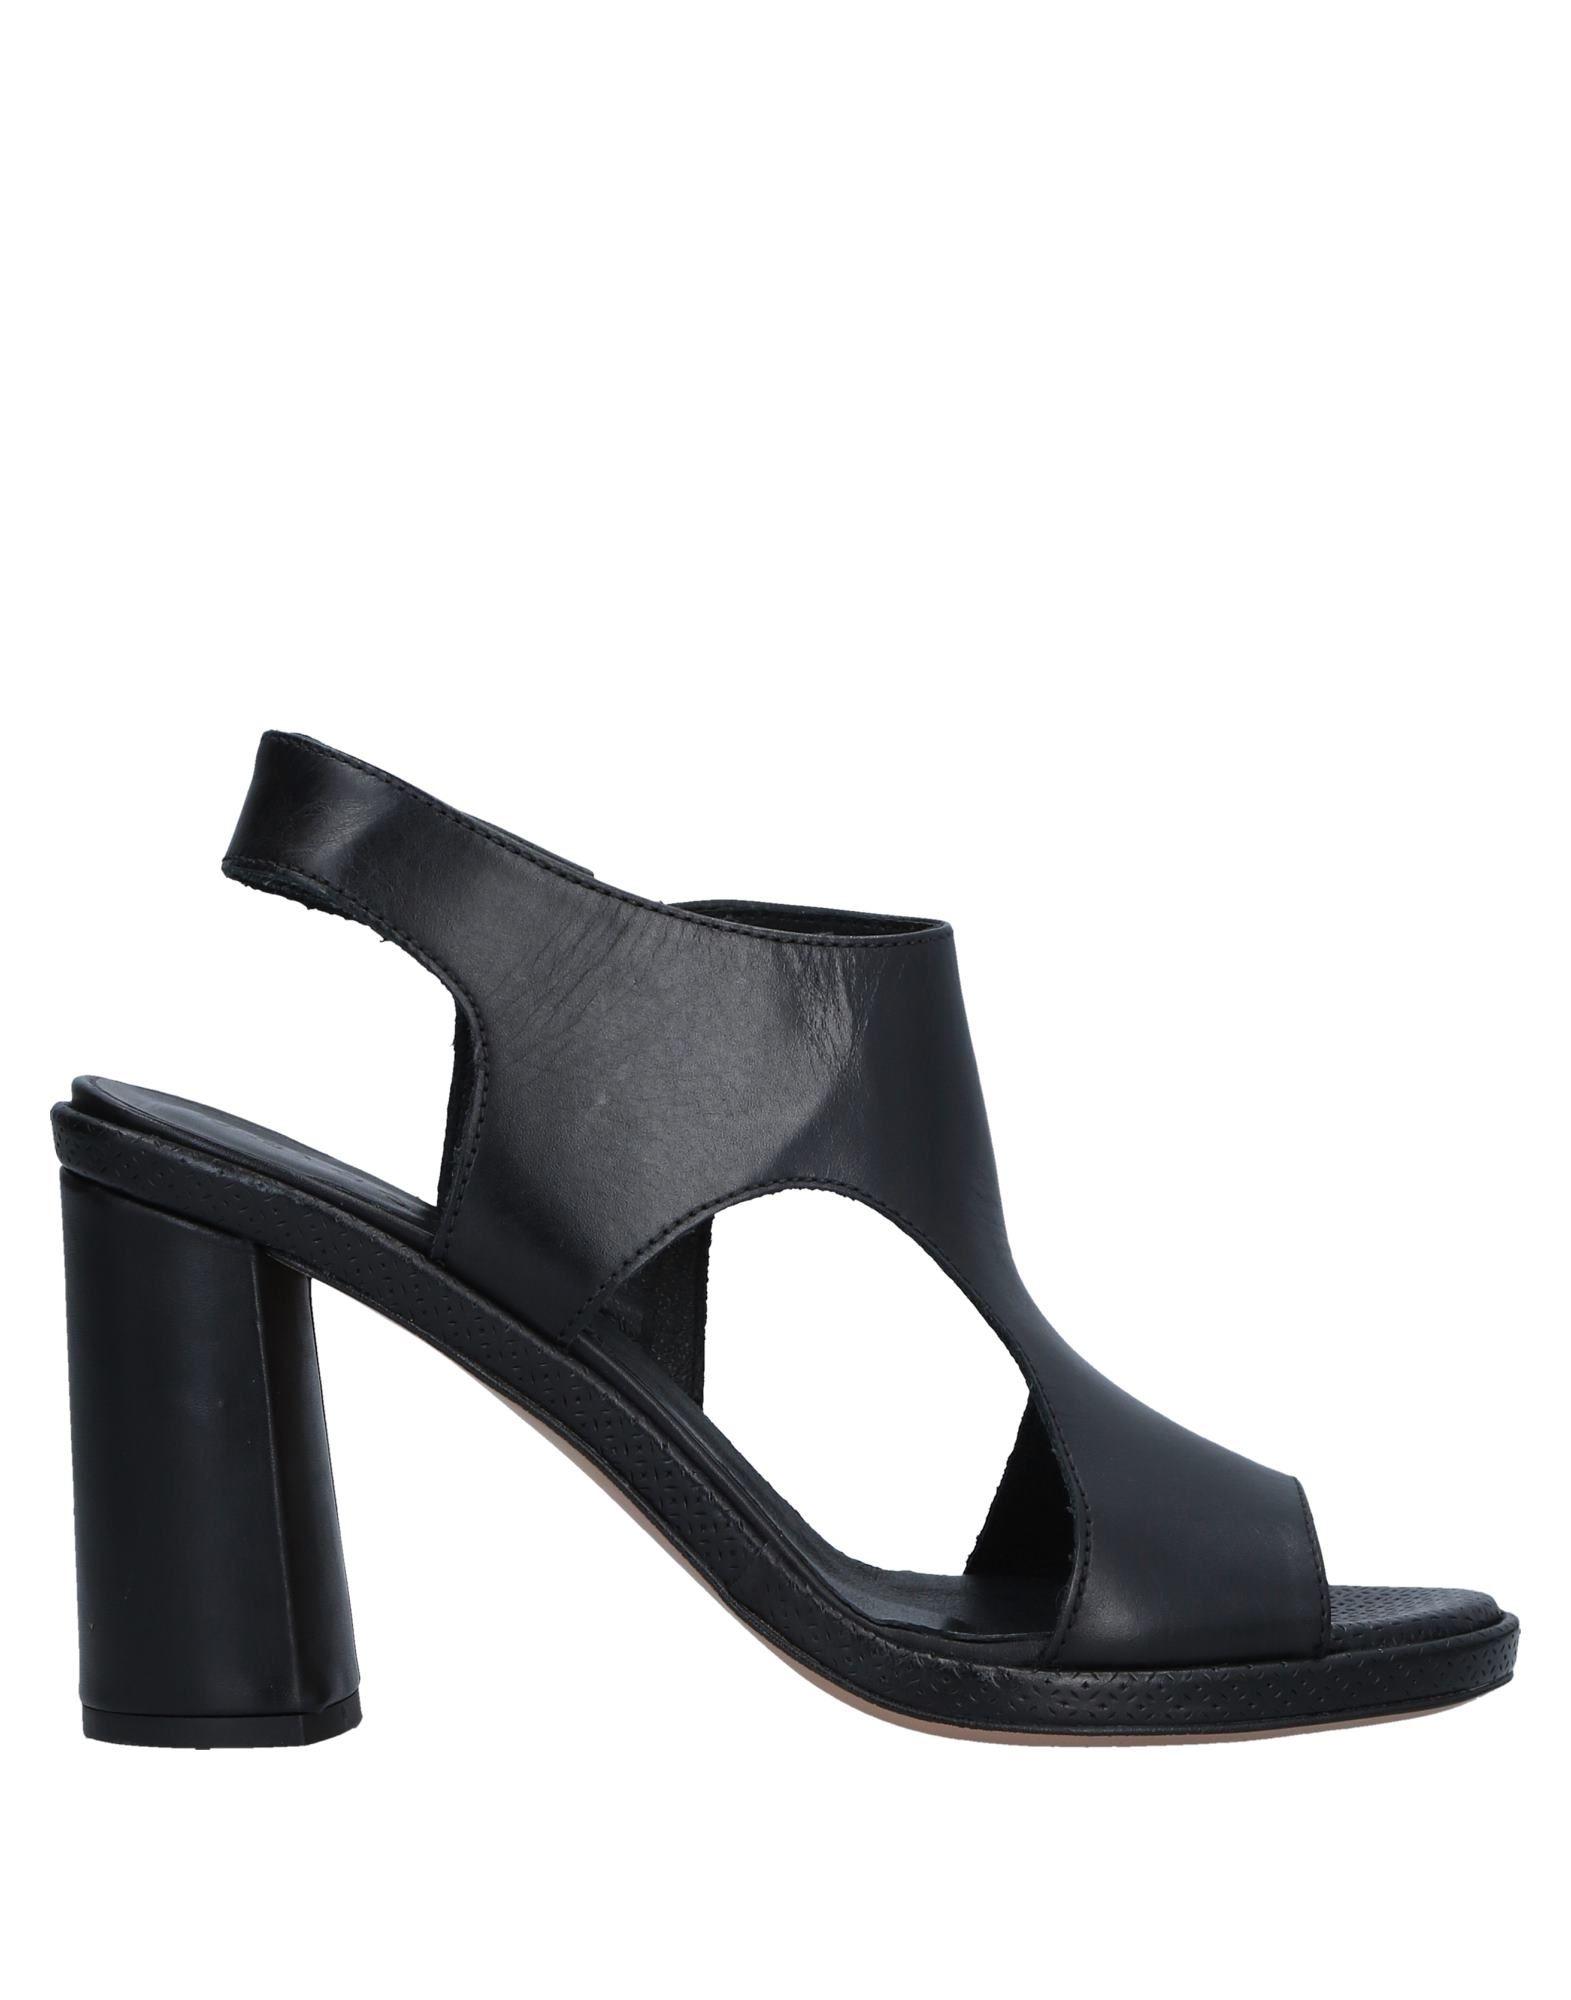 Fabbrica Deicolli Sandalen Damen    11536321NK Gute Qualität beliebte Schuhe 475f17